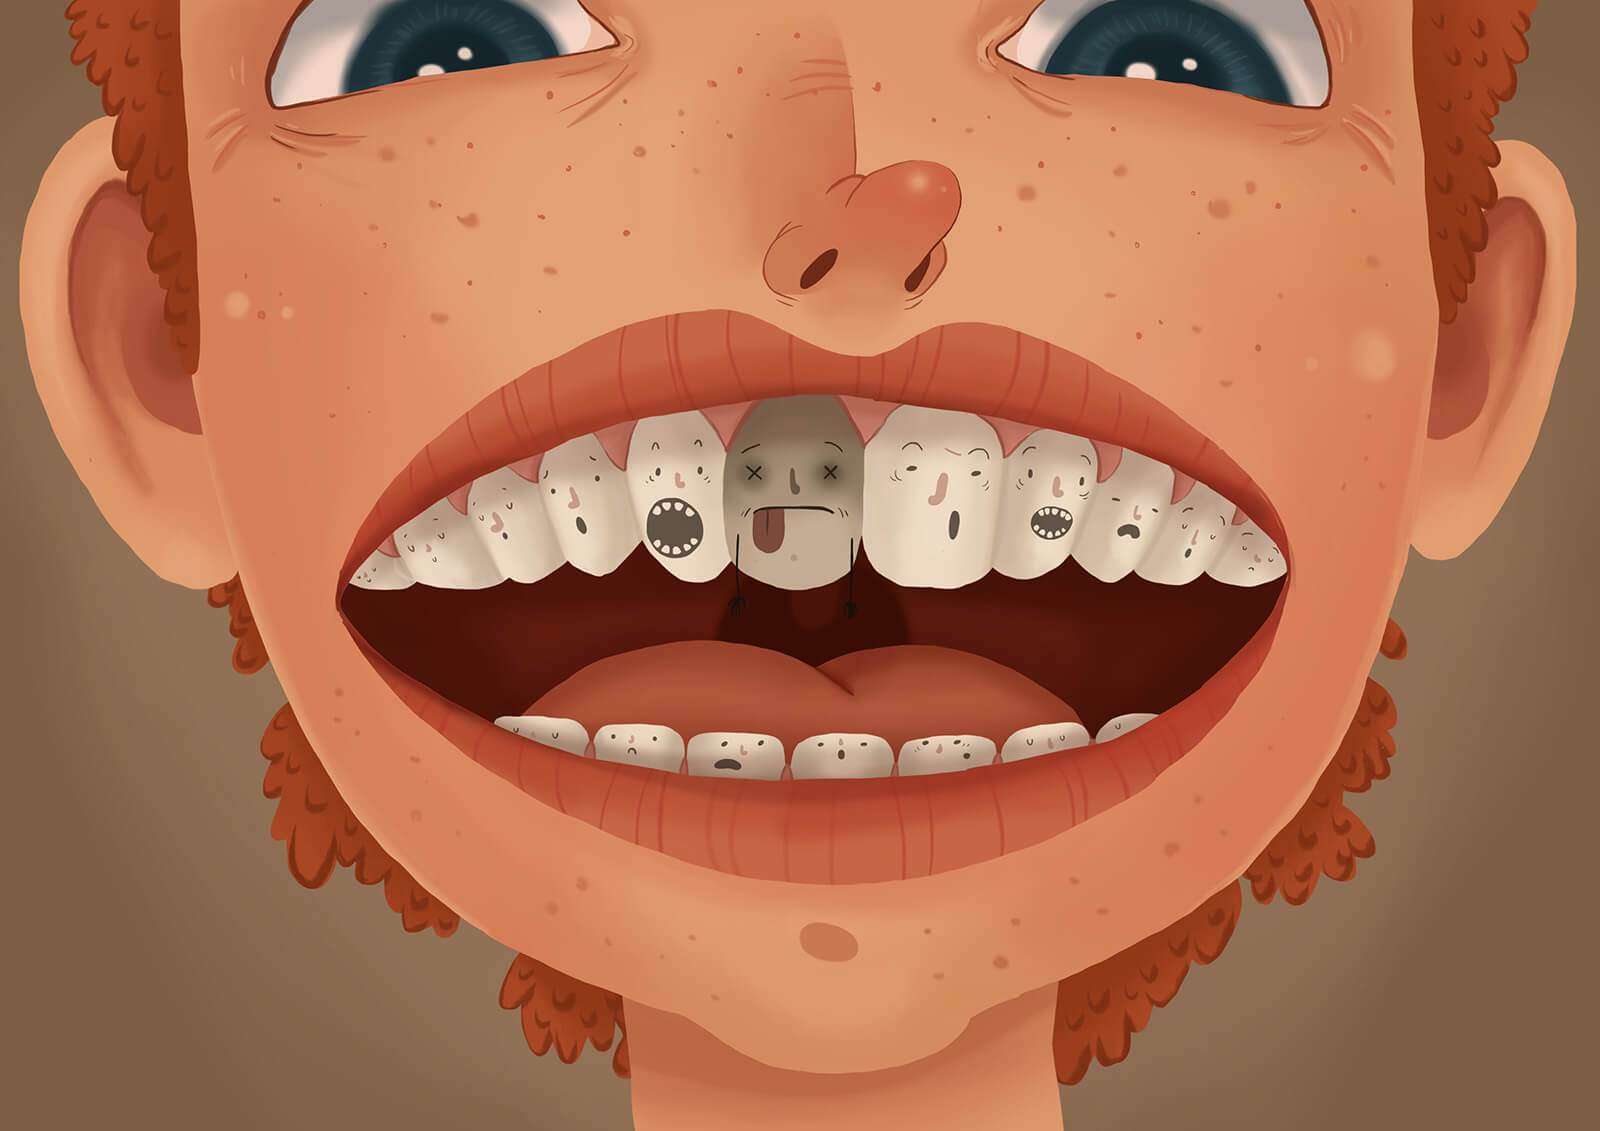 根管治療為什麼跟發燒、鼻竇炎有關啊? 這是因為鼻竇跟口腔是鄰居,需要根管治療是因為牙齒的內部牙髓受污染、被細菌侵襲所導致,若口腔的感染問題往上延伸,就很有可能影響到鼻竇,